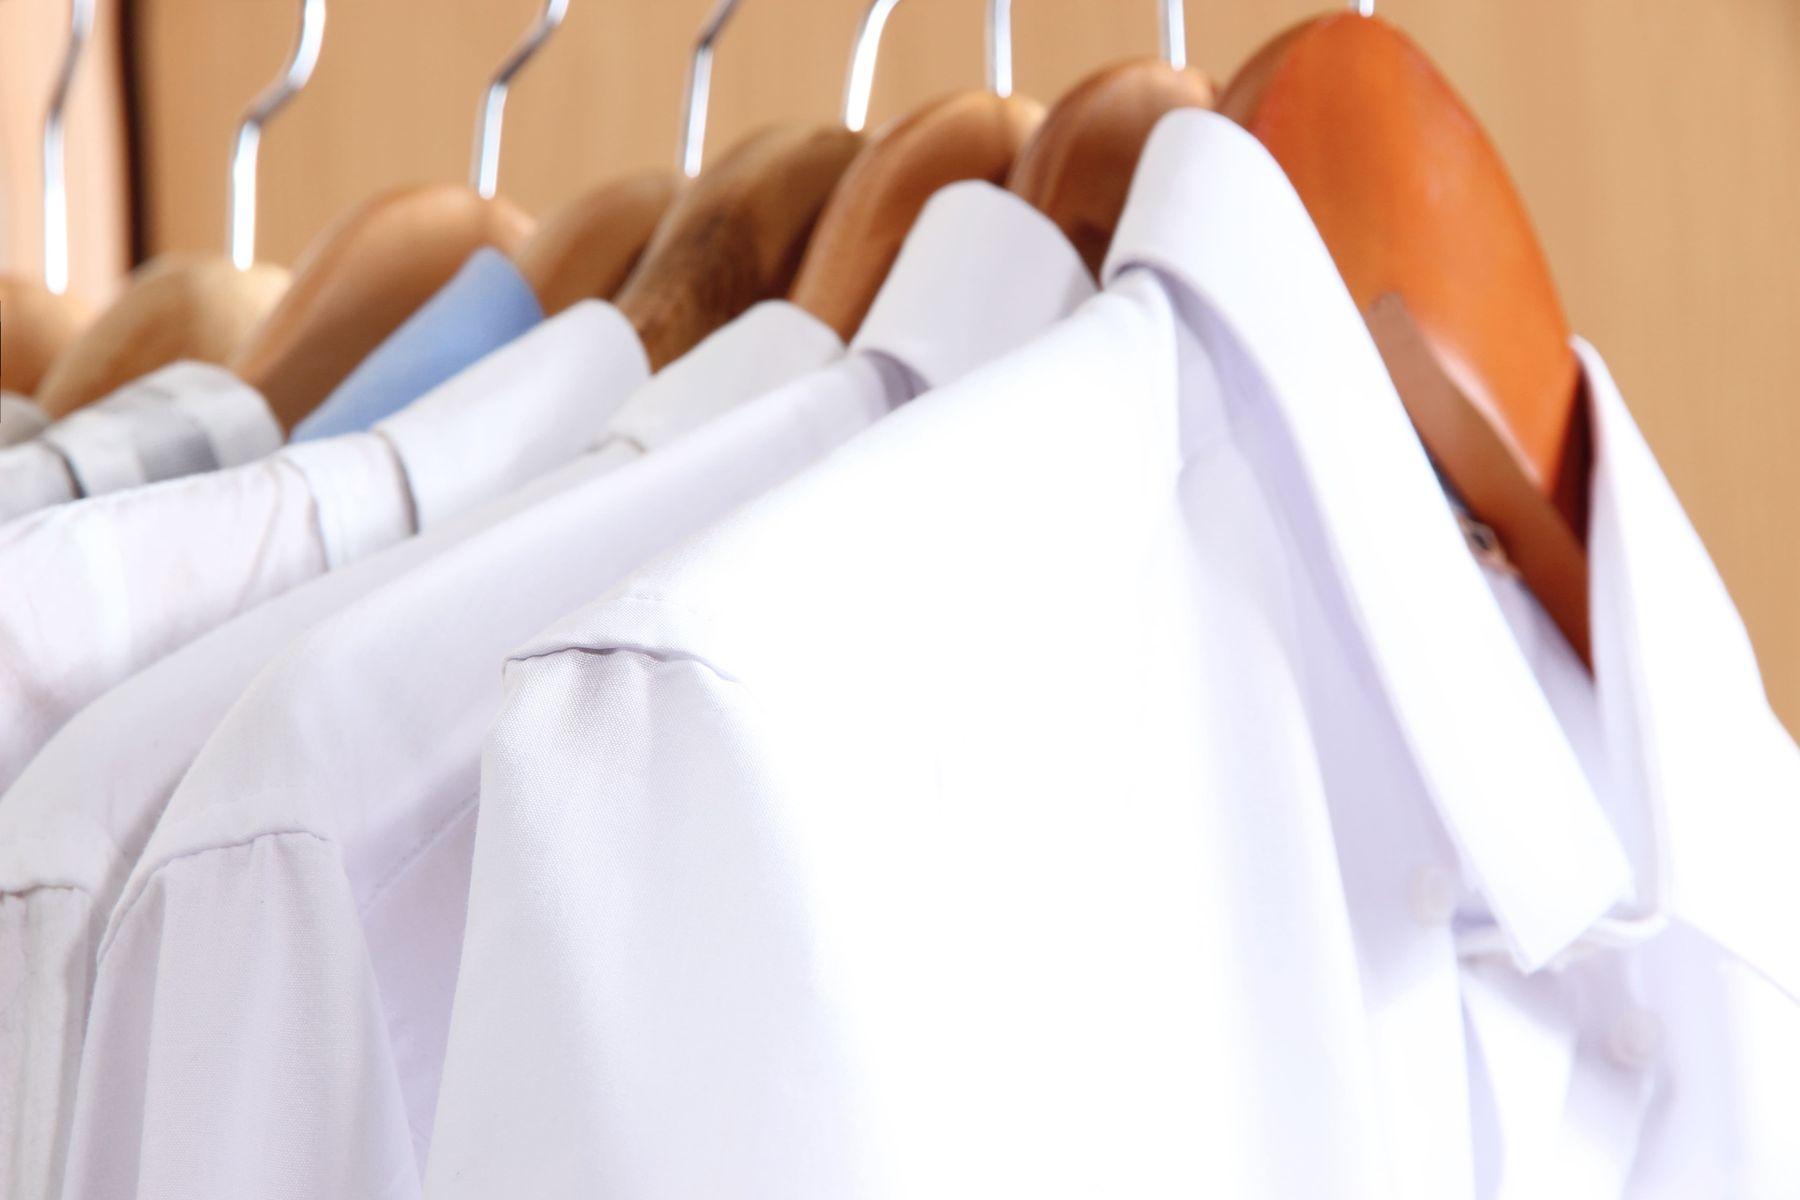 Beyazlar Çamaşırlar Nasıl Yıkanır?